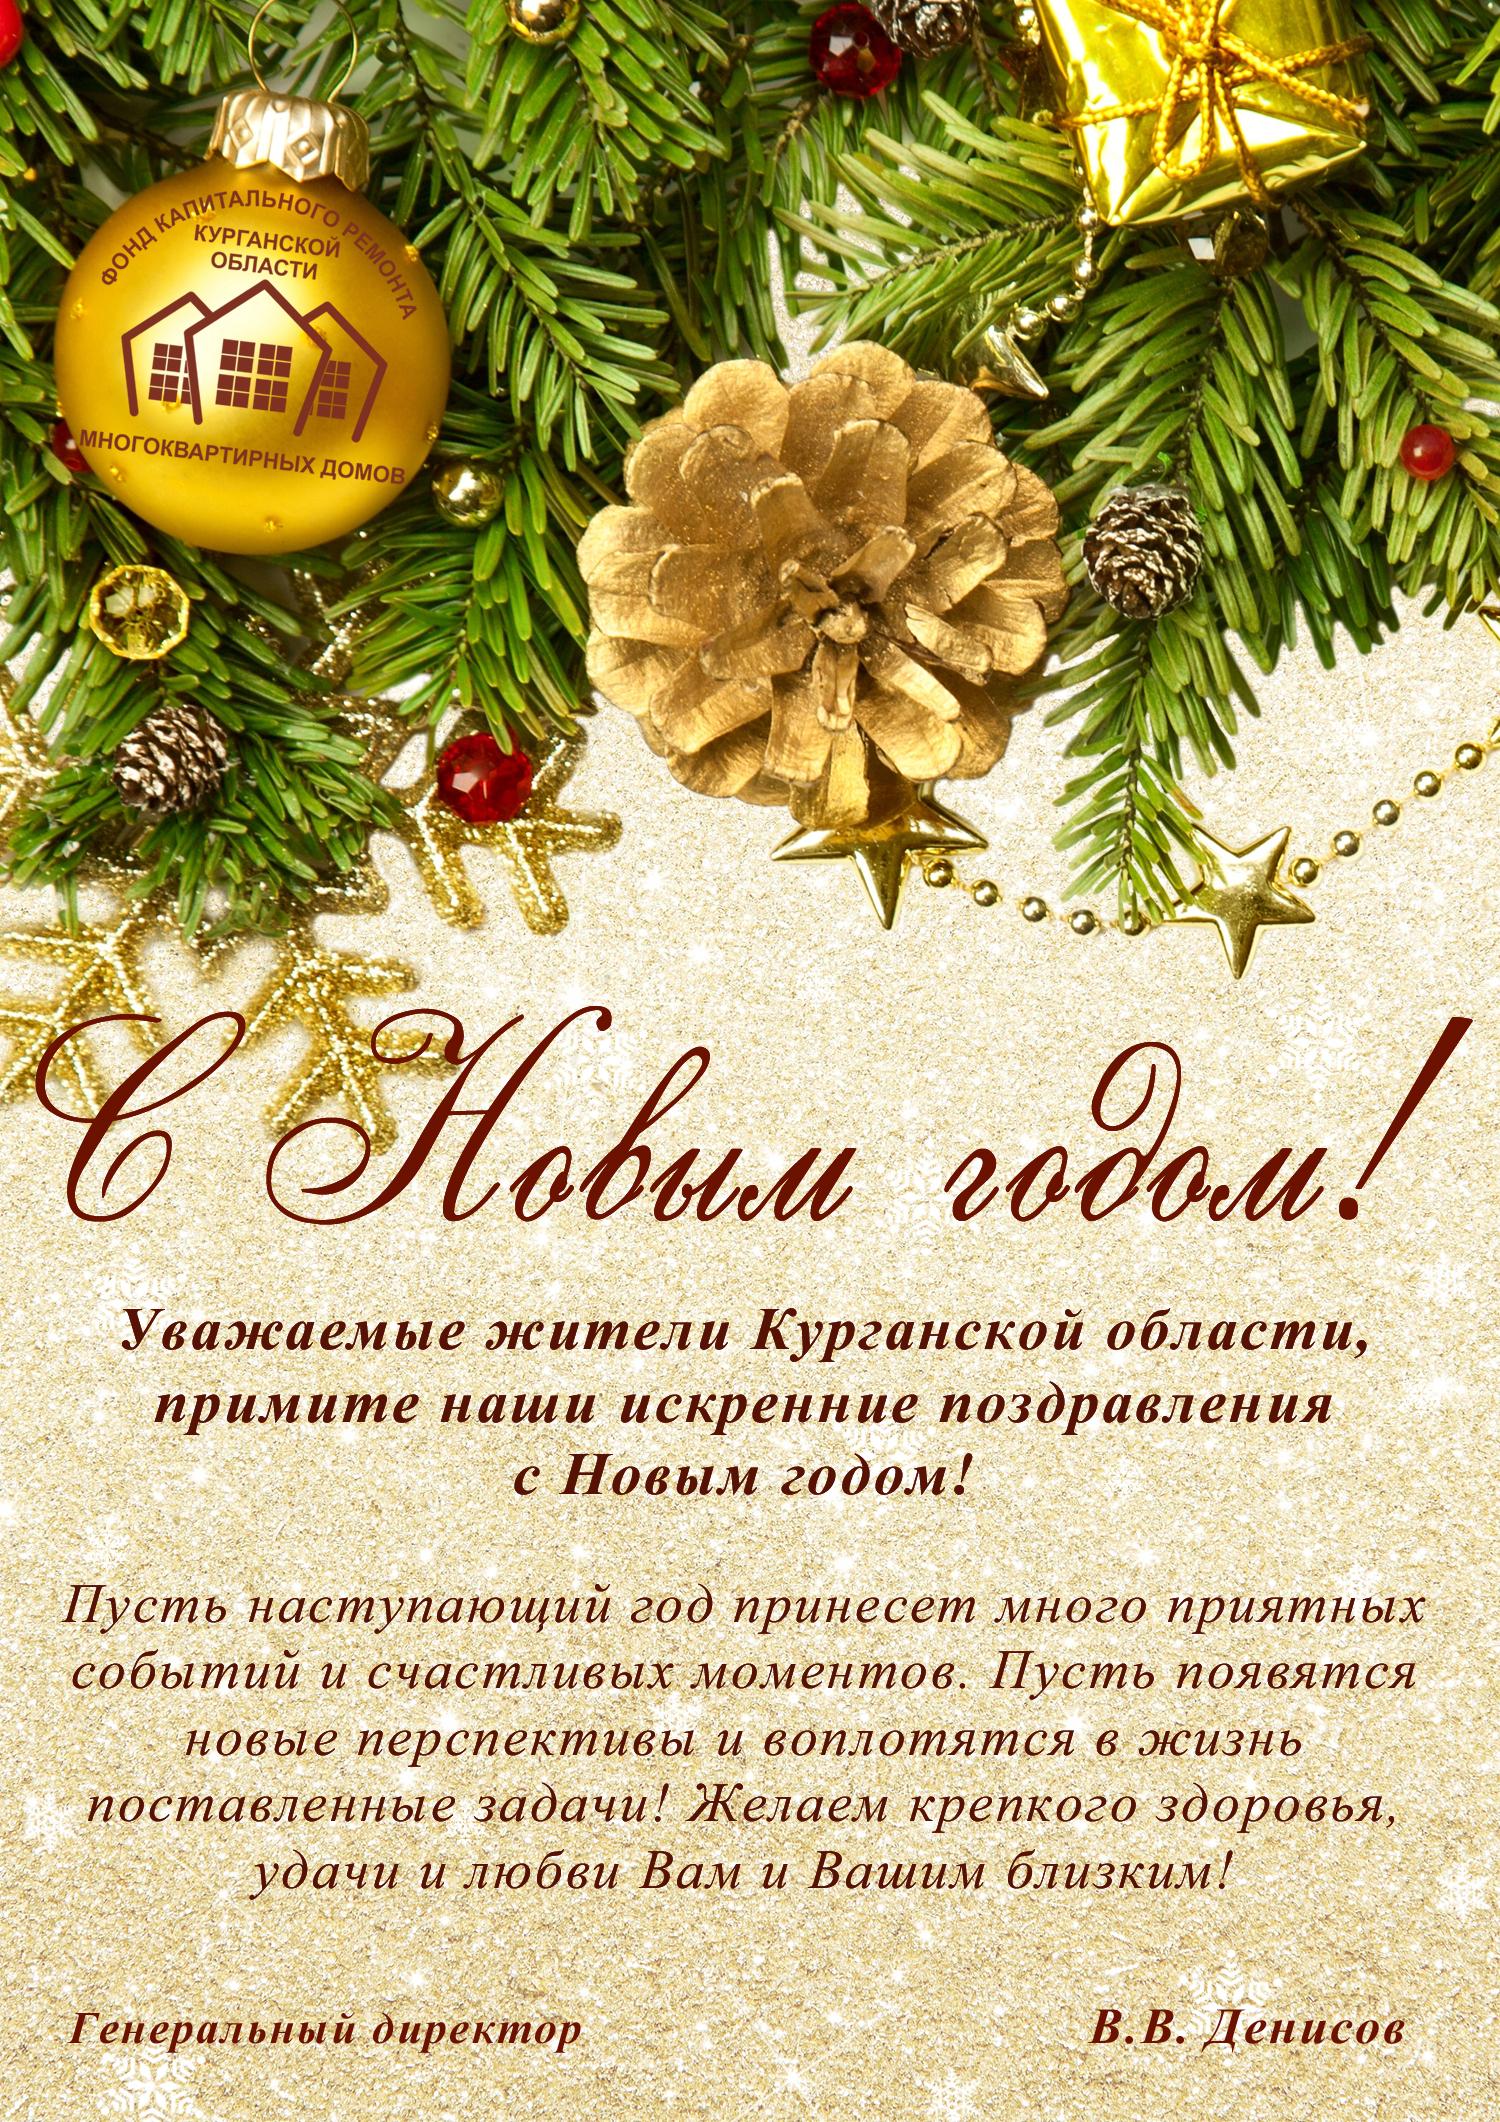 Силуэтами, примеры поздравления с новым годом жителей поселка